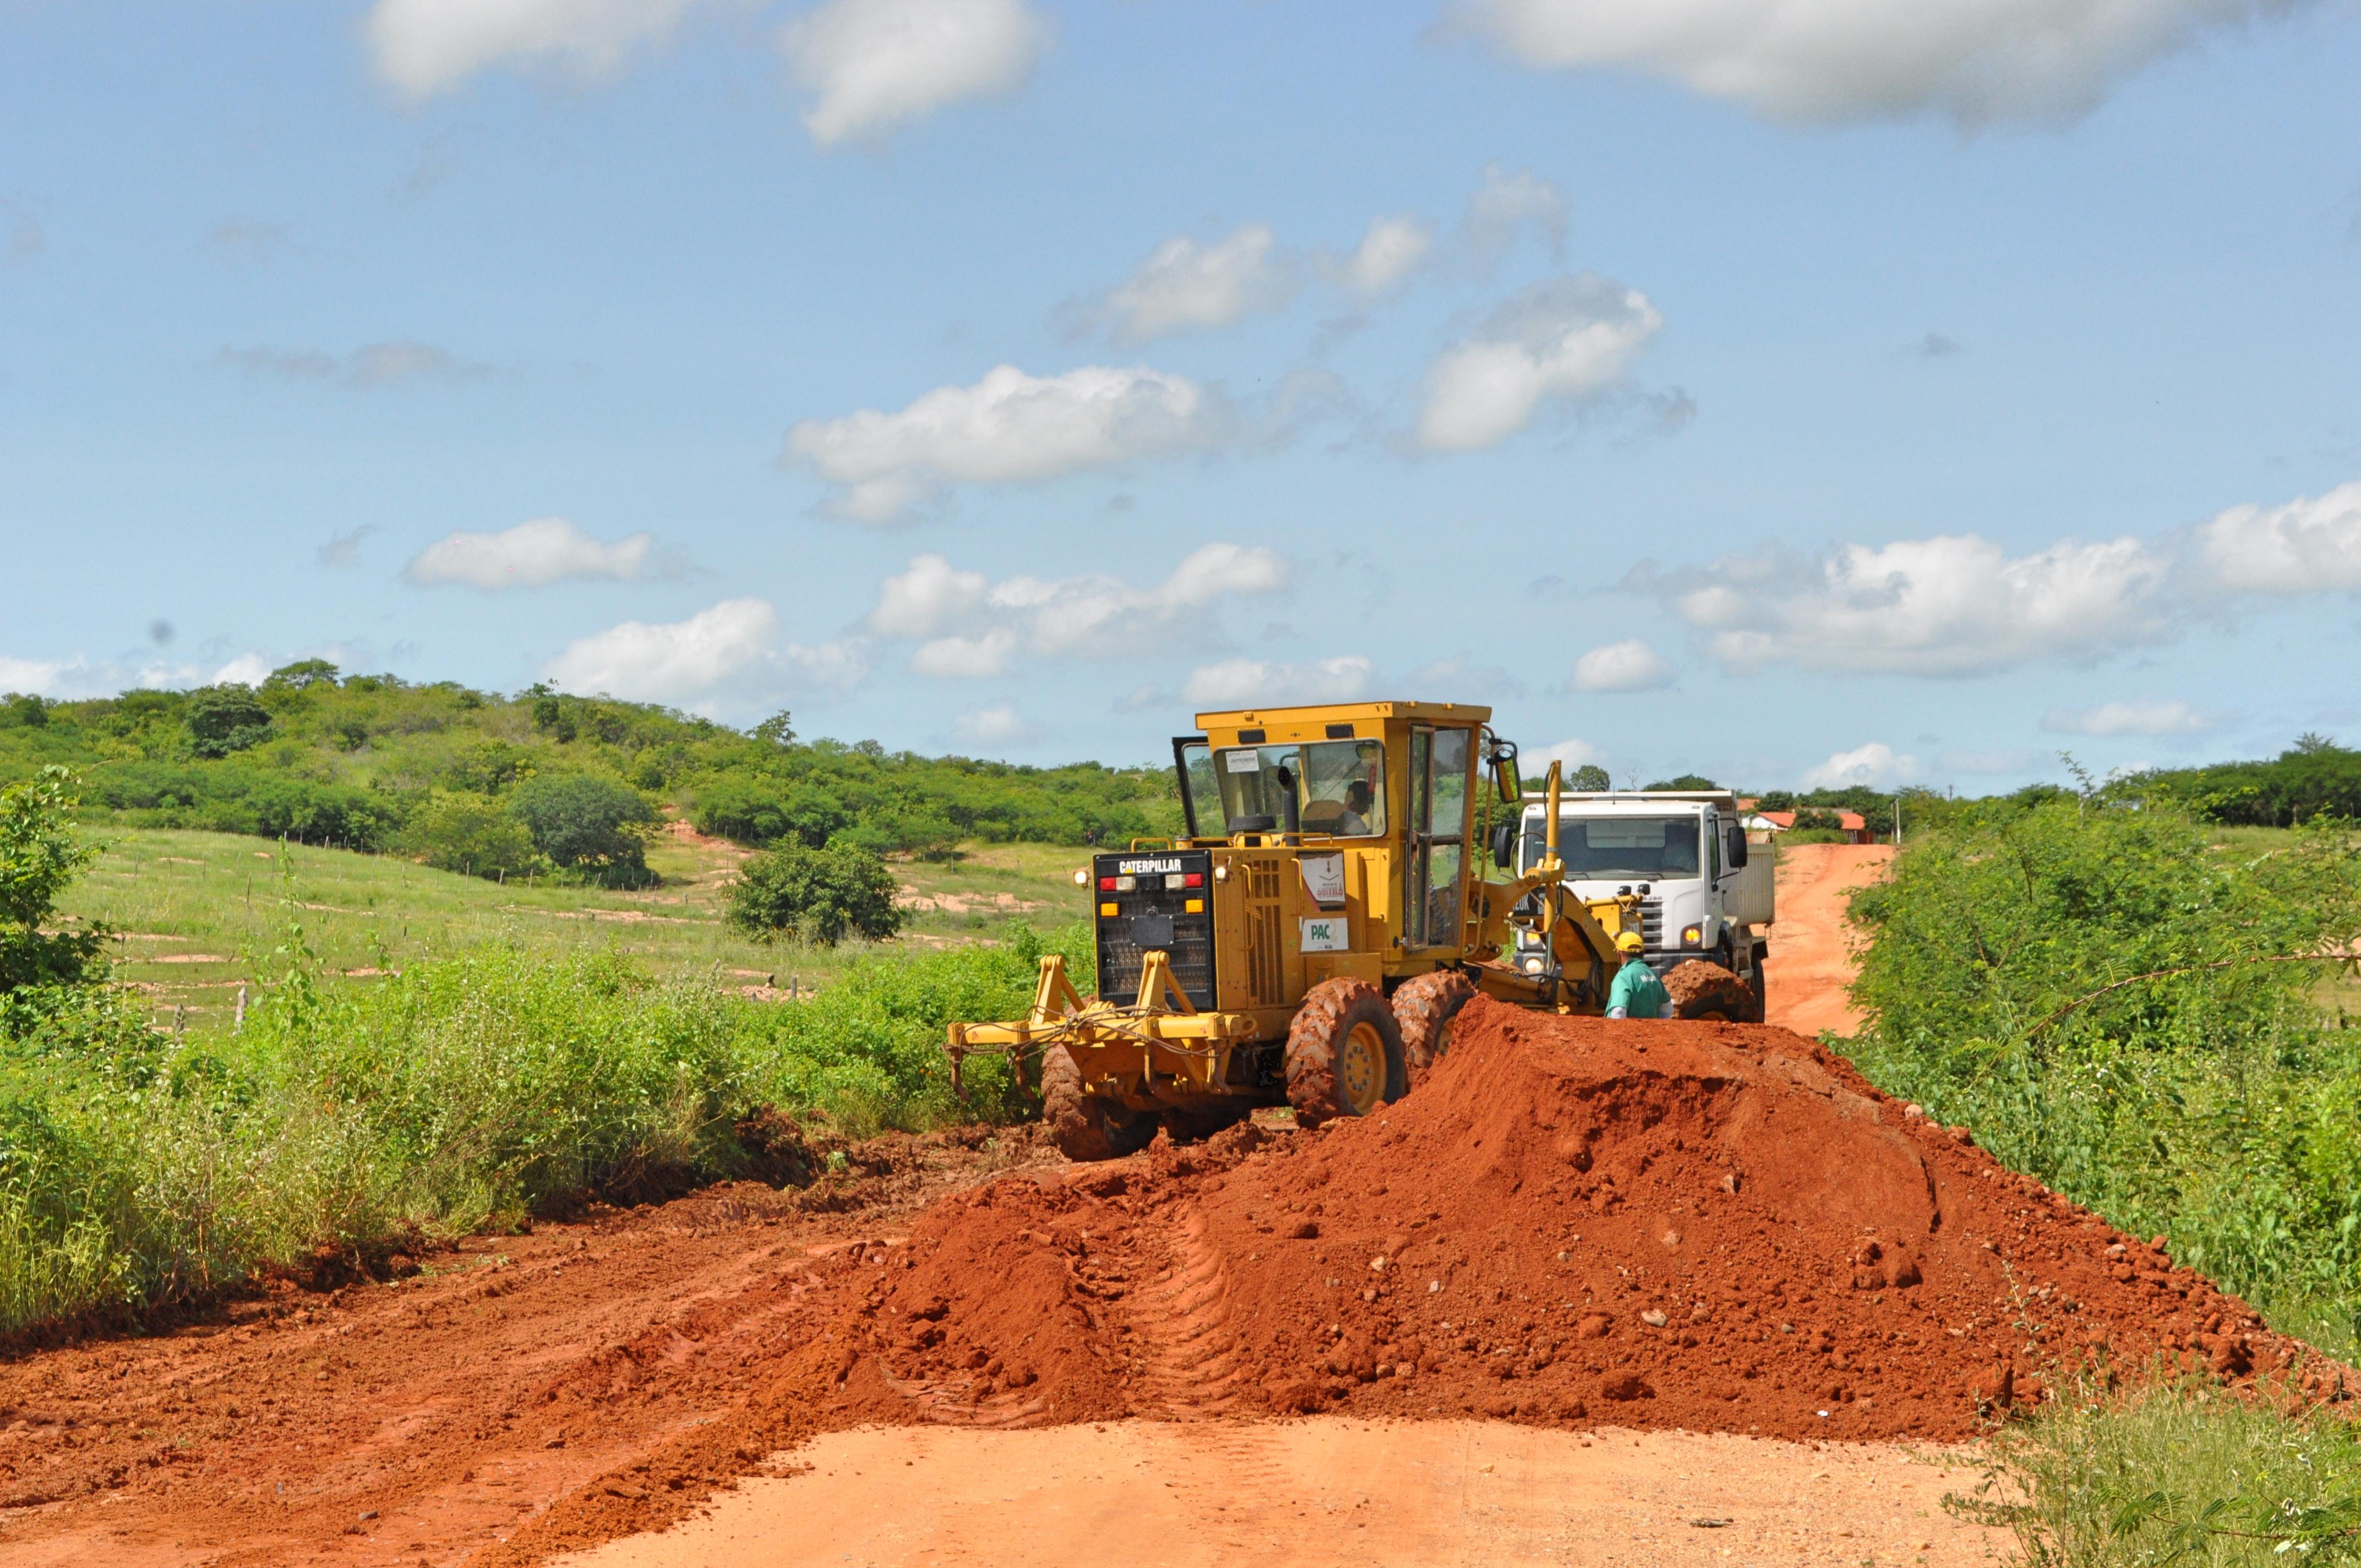 Operação Tapa-Buracos inicia no trecho Caldeirão – Poço da Pedra mesmo com chuvas